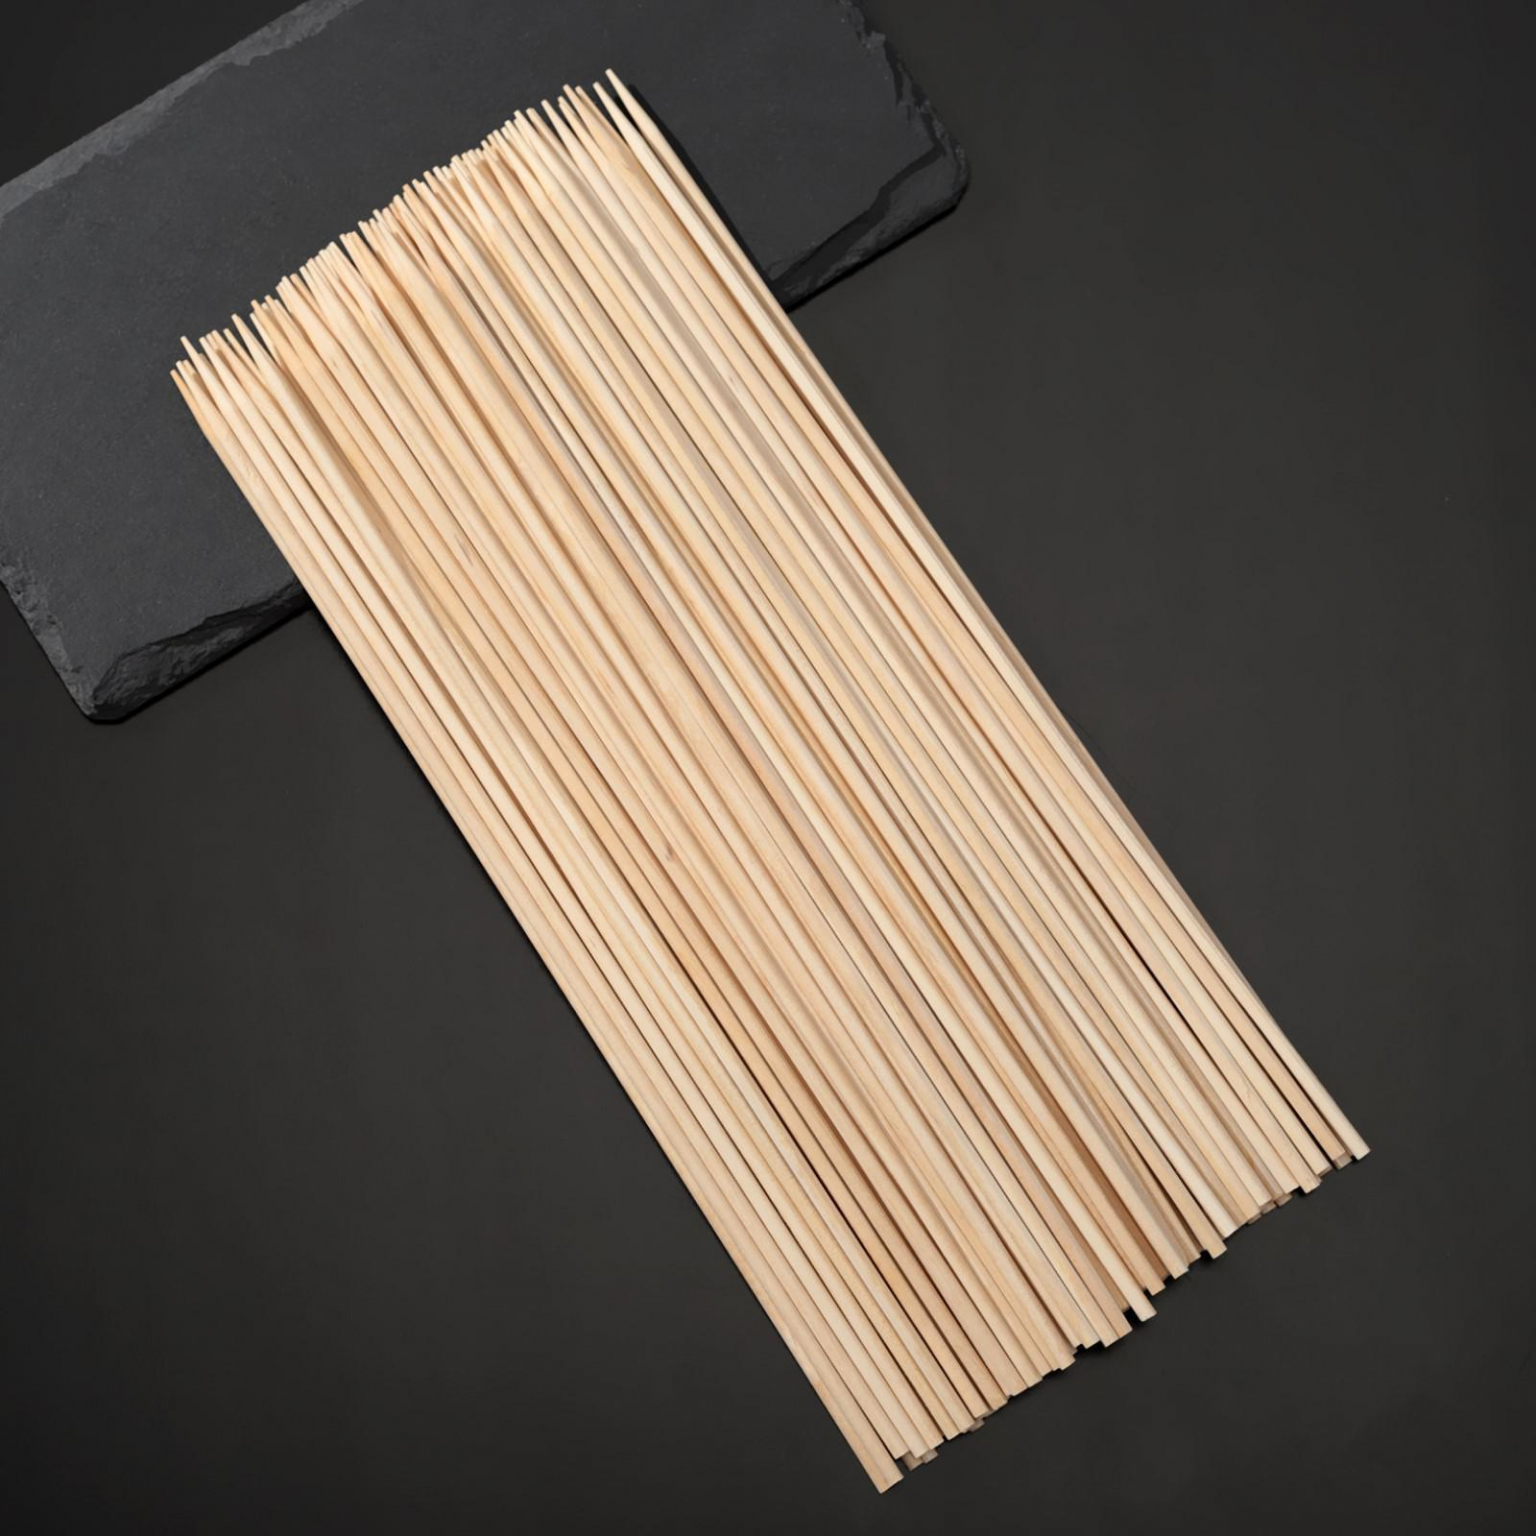 Шампуры деревянные Grifon берёза, 25 см, 100 шт в упаковке